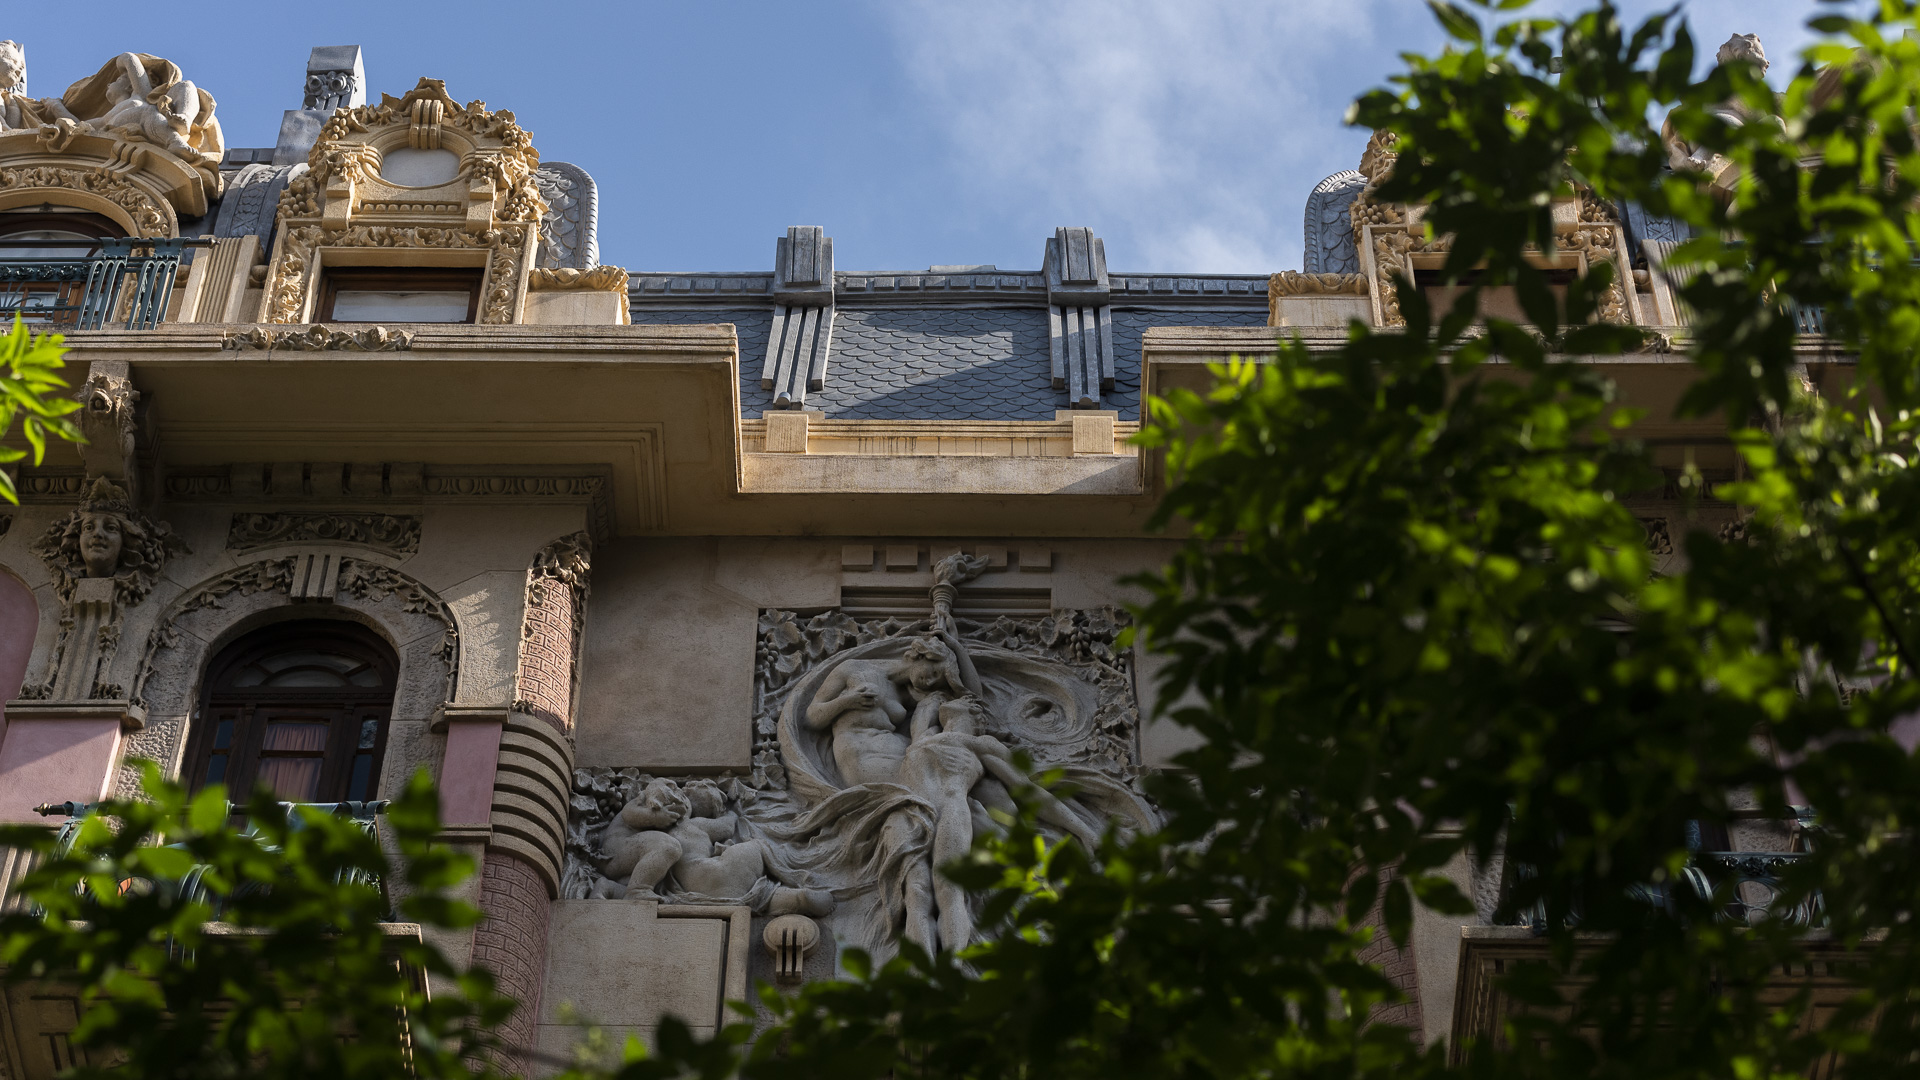 Bajo la visión desde la cual la restauración tiene que estar incluida en la reincorporación del patrimonio a la comunidad, se llevan a cabo diversas actividades culturales, entre las cuales figuran la instalación de un museo de sitio en una portería, charlas culturales y la inclusión en varios circuitos